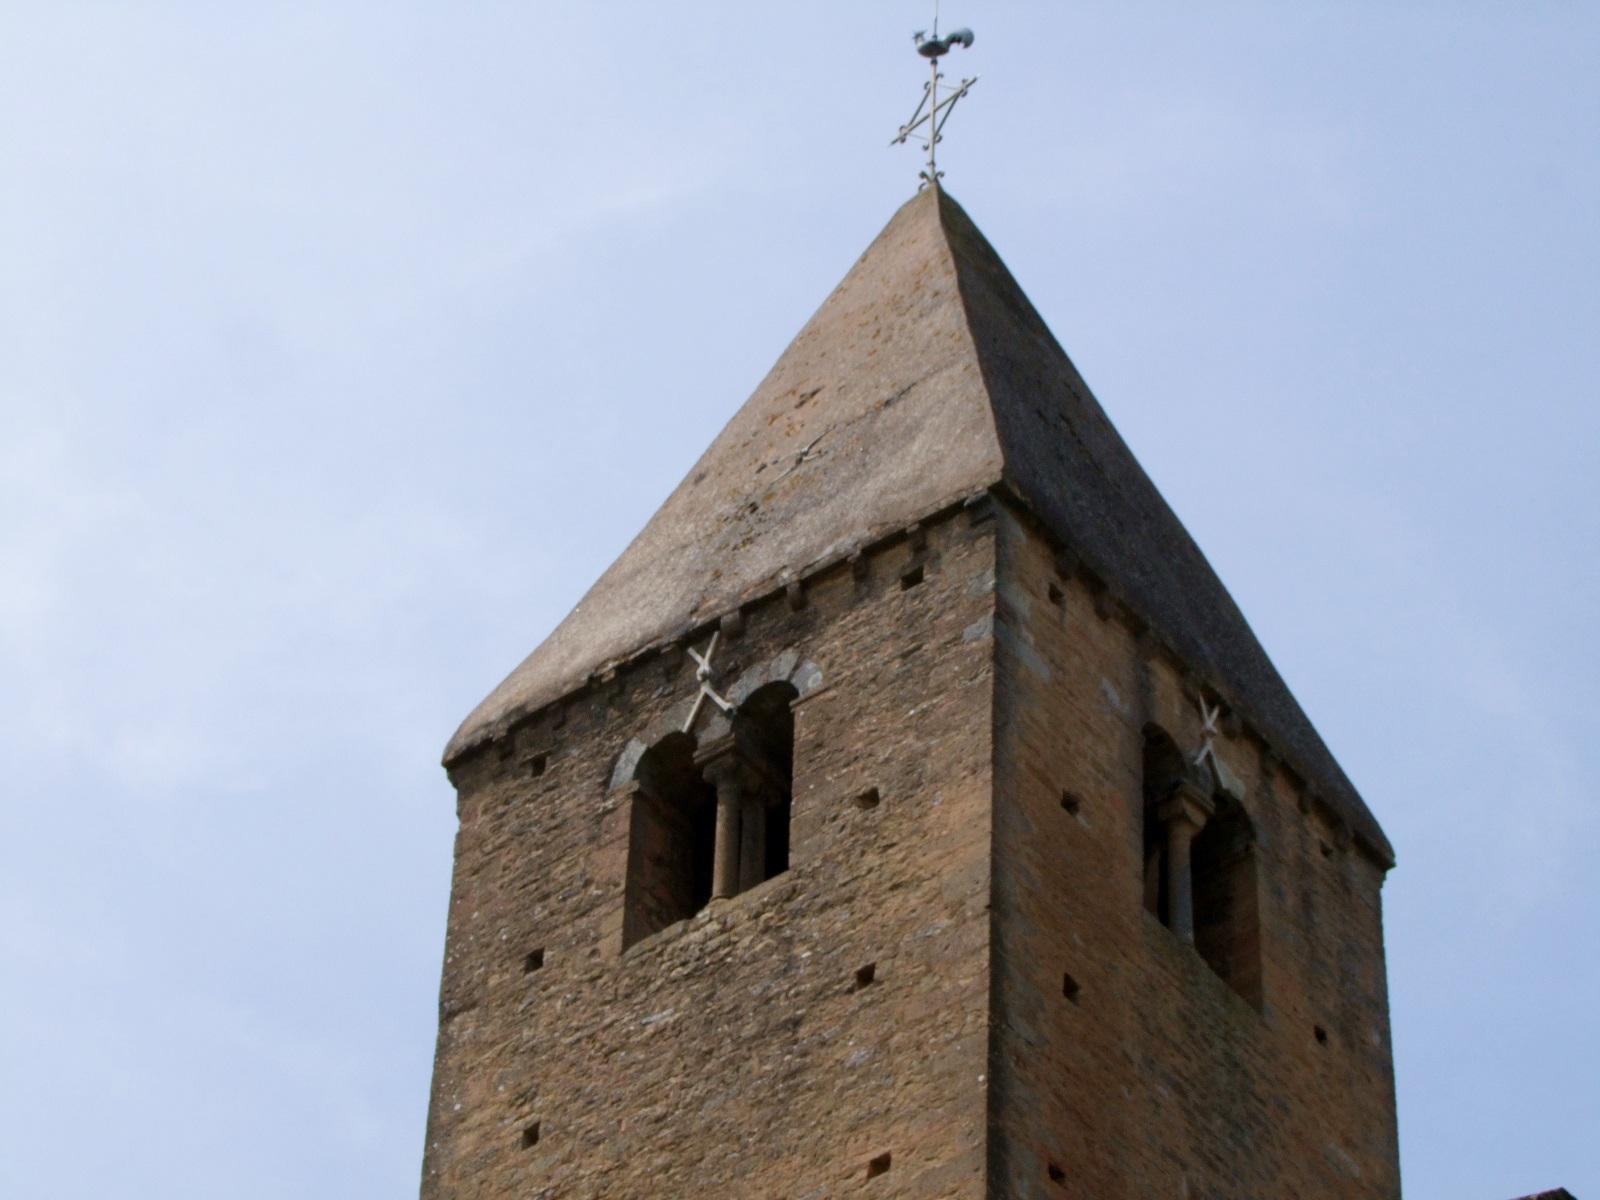 Eglise paroissiale à La chapelle sous brancion.